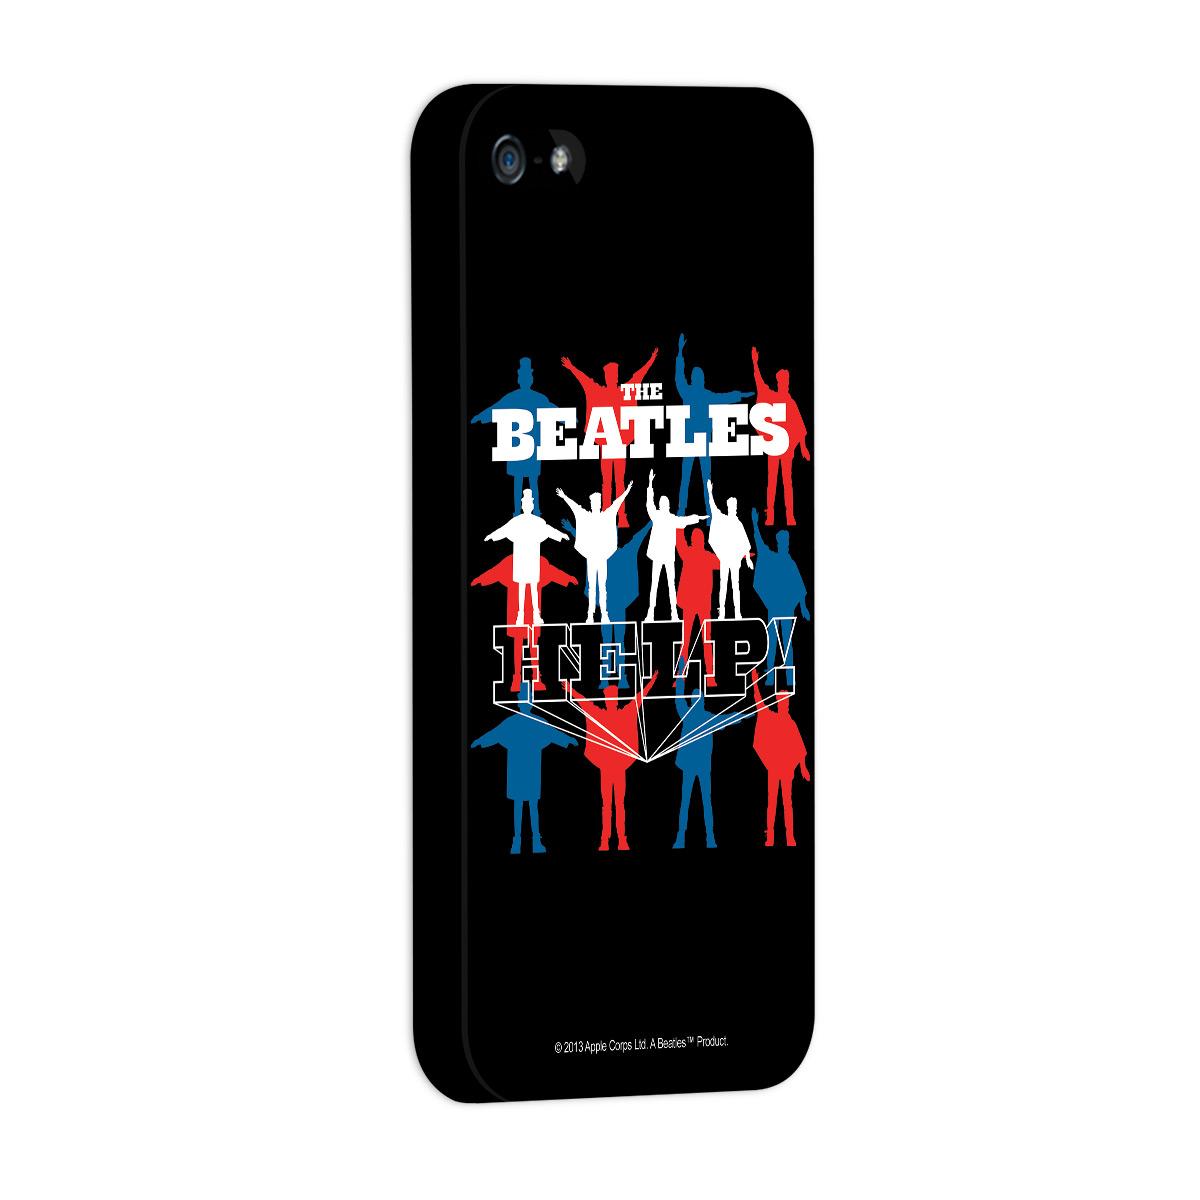 Capa de iPhone 5/5S The Beatles Help